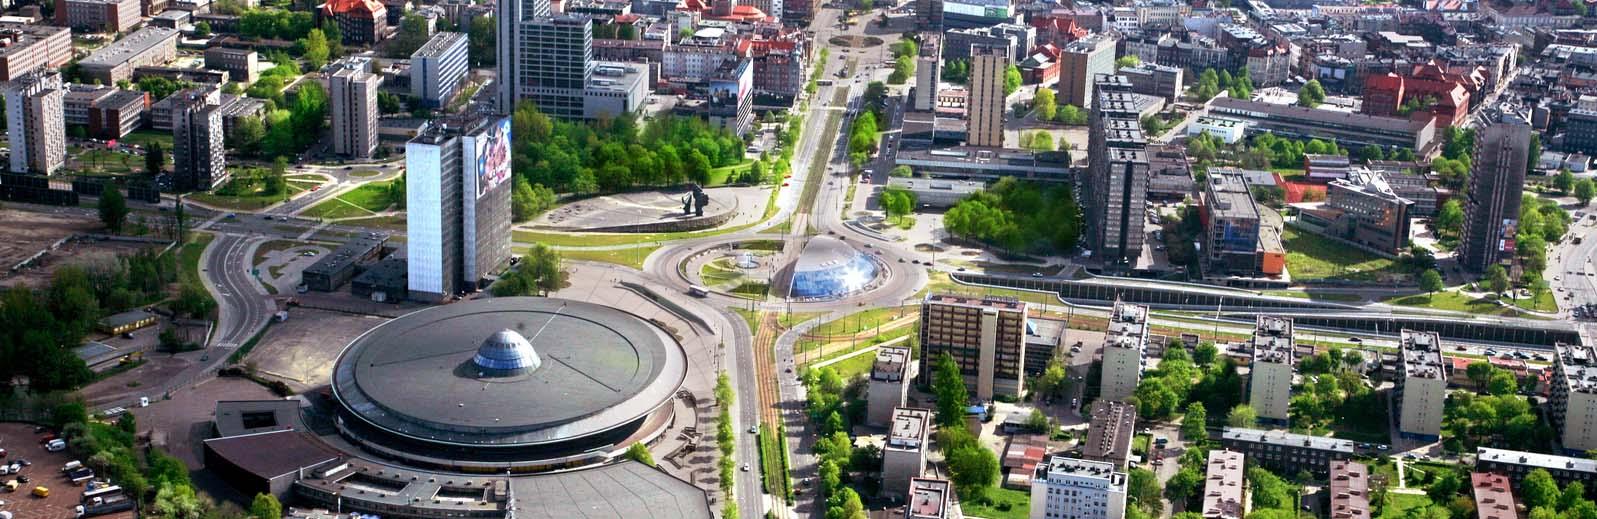 Telewizja przemysłowa Katowice